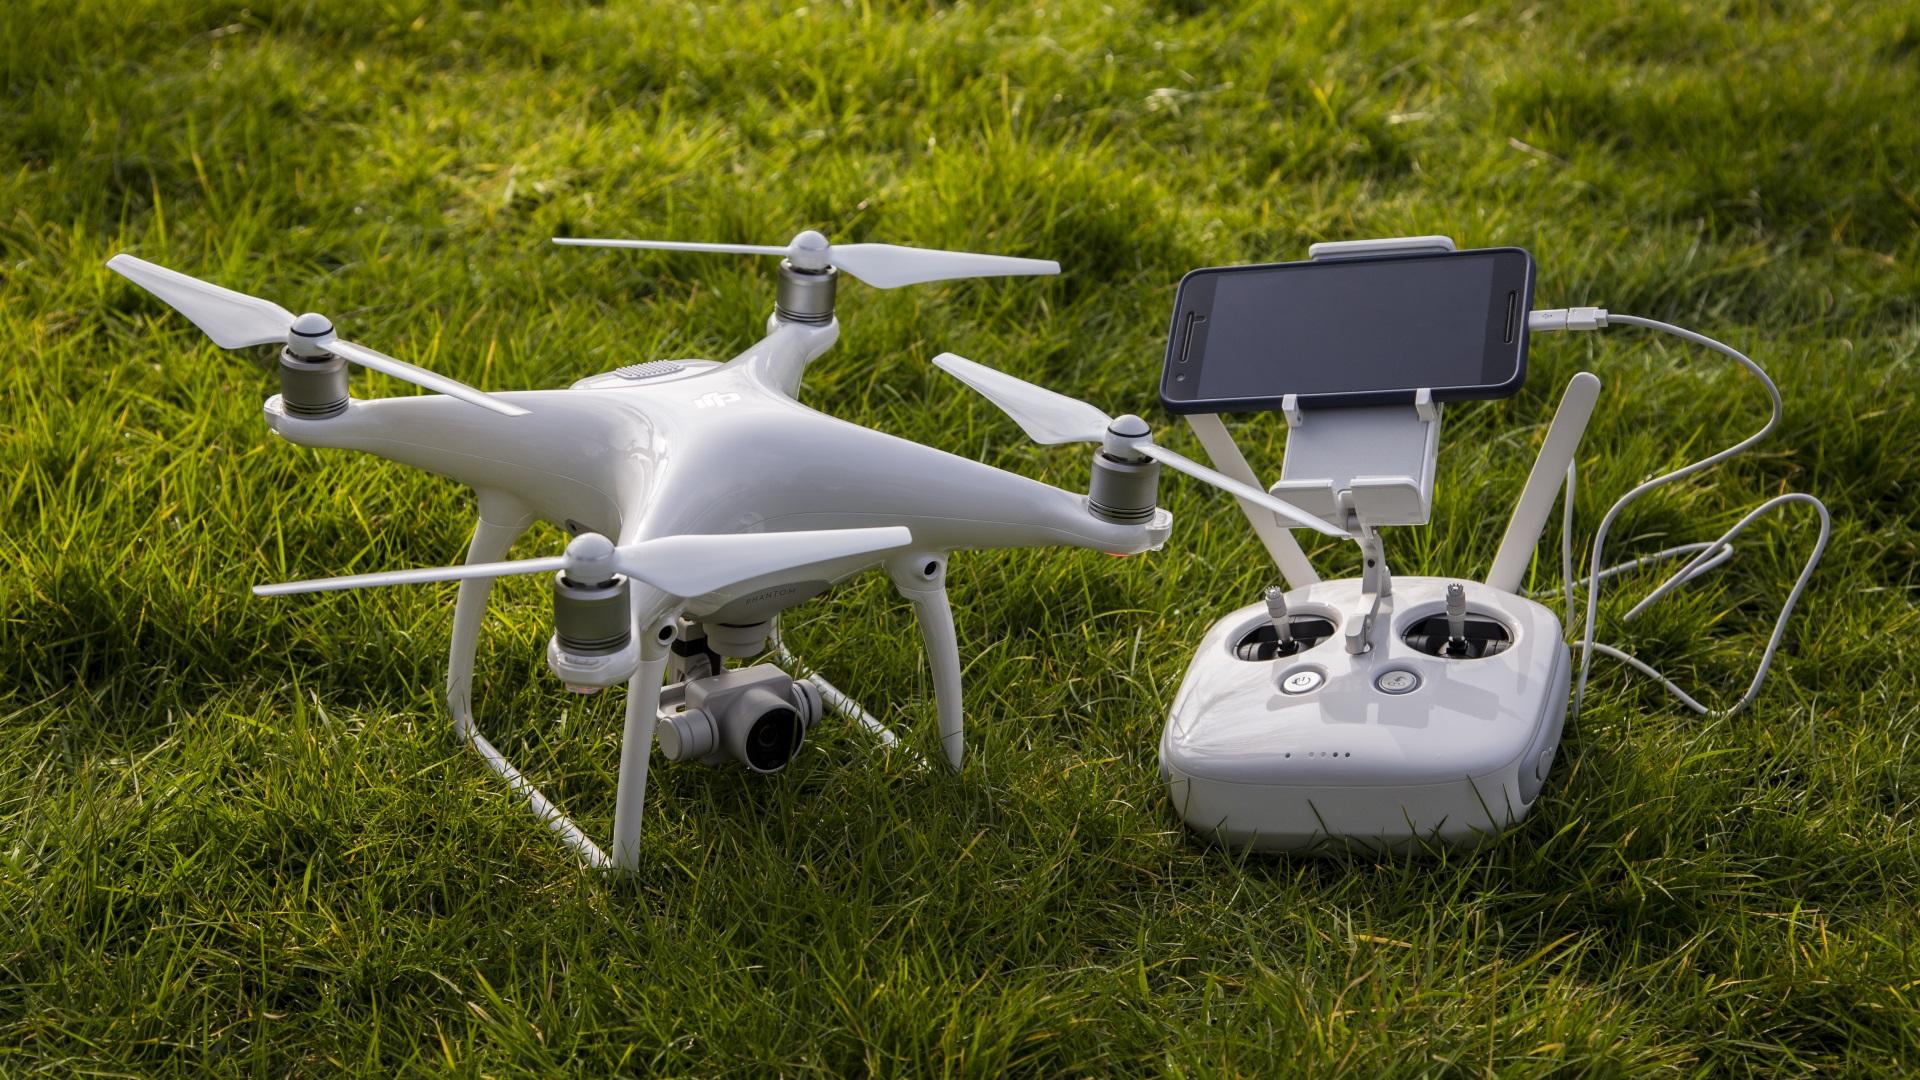 Flycam ngày càng được sử dụng trong lĩnh vực quay phim, chụp ảnh